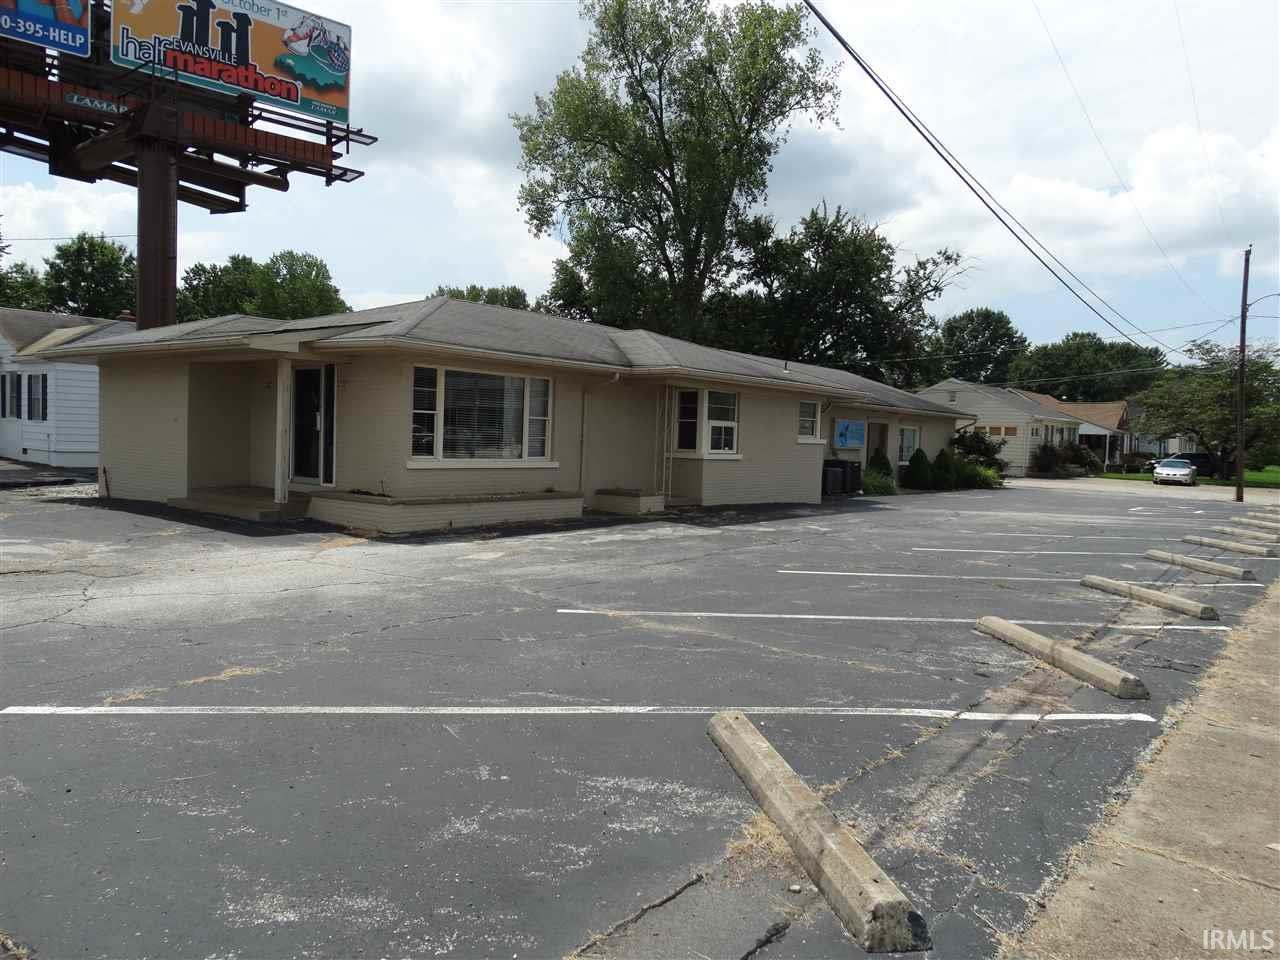 1401 S Green River Road, Evansville, IN 47715